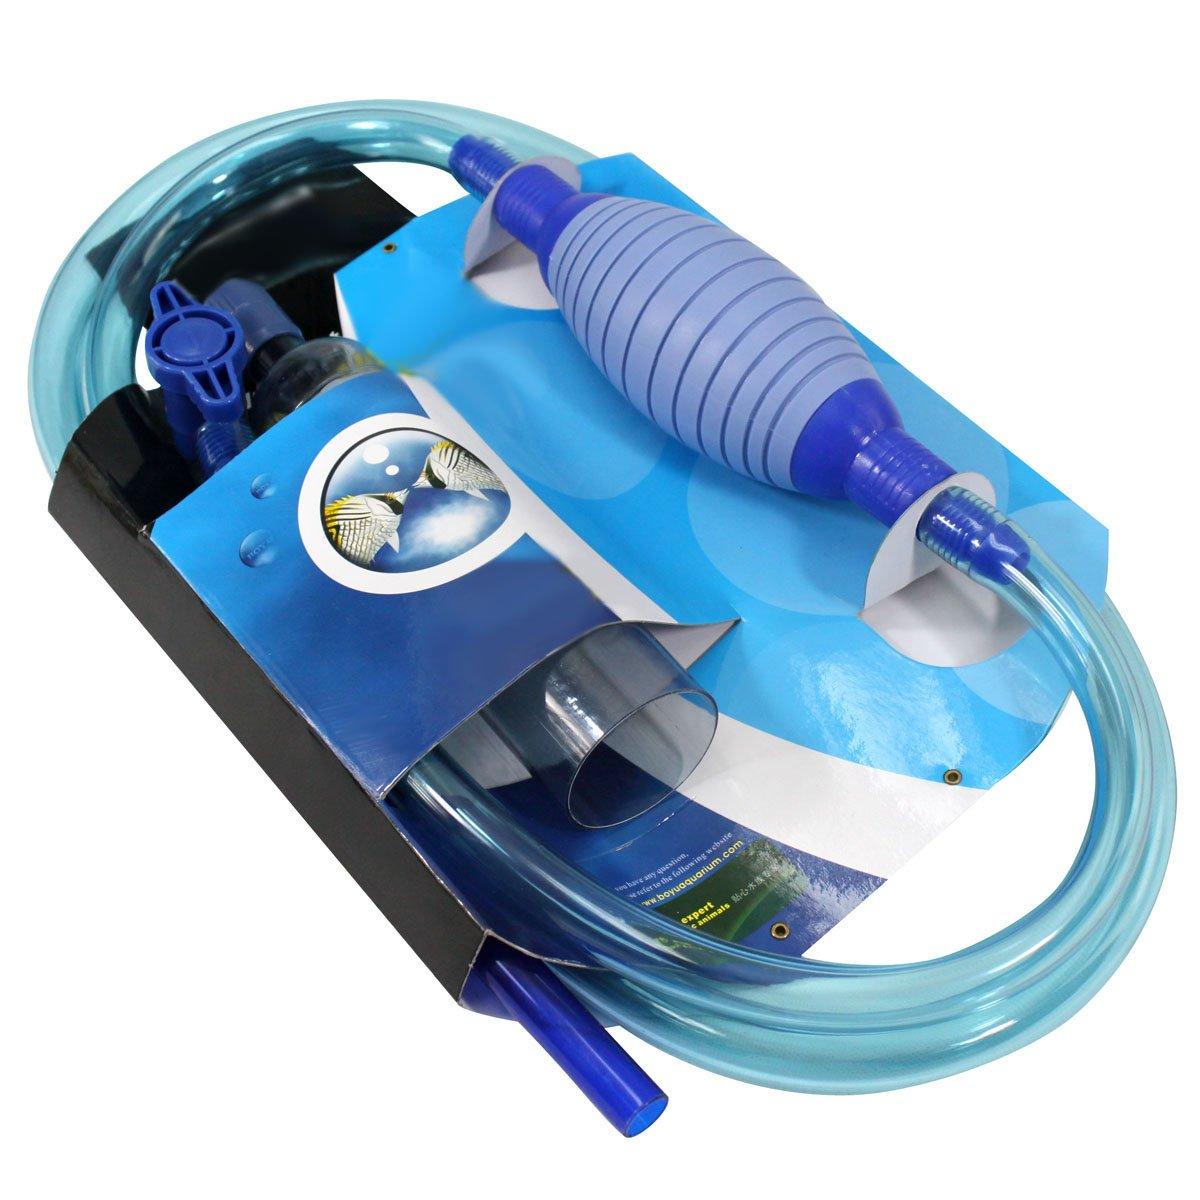 Acuario Limpiador, sifón y limpiador para Acuario y pescado Depósito Agua Cambio Filtro de agua 51770Gravel Cleaner BlueBD